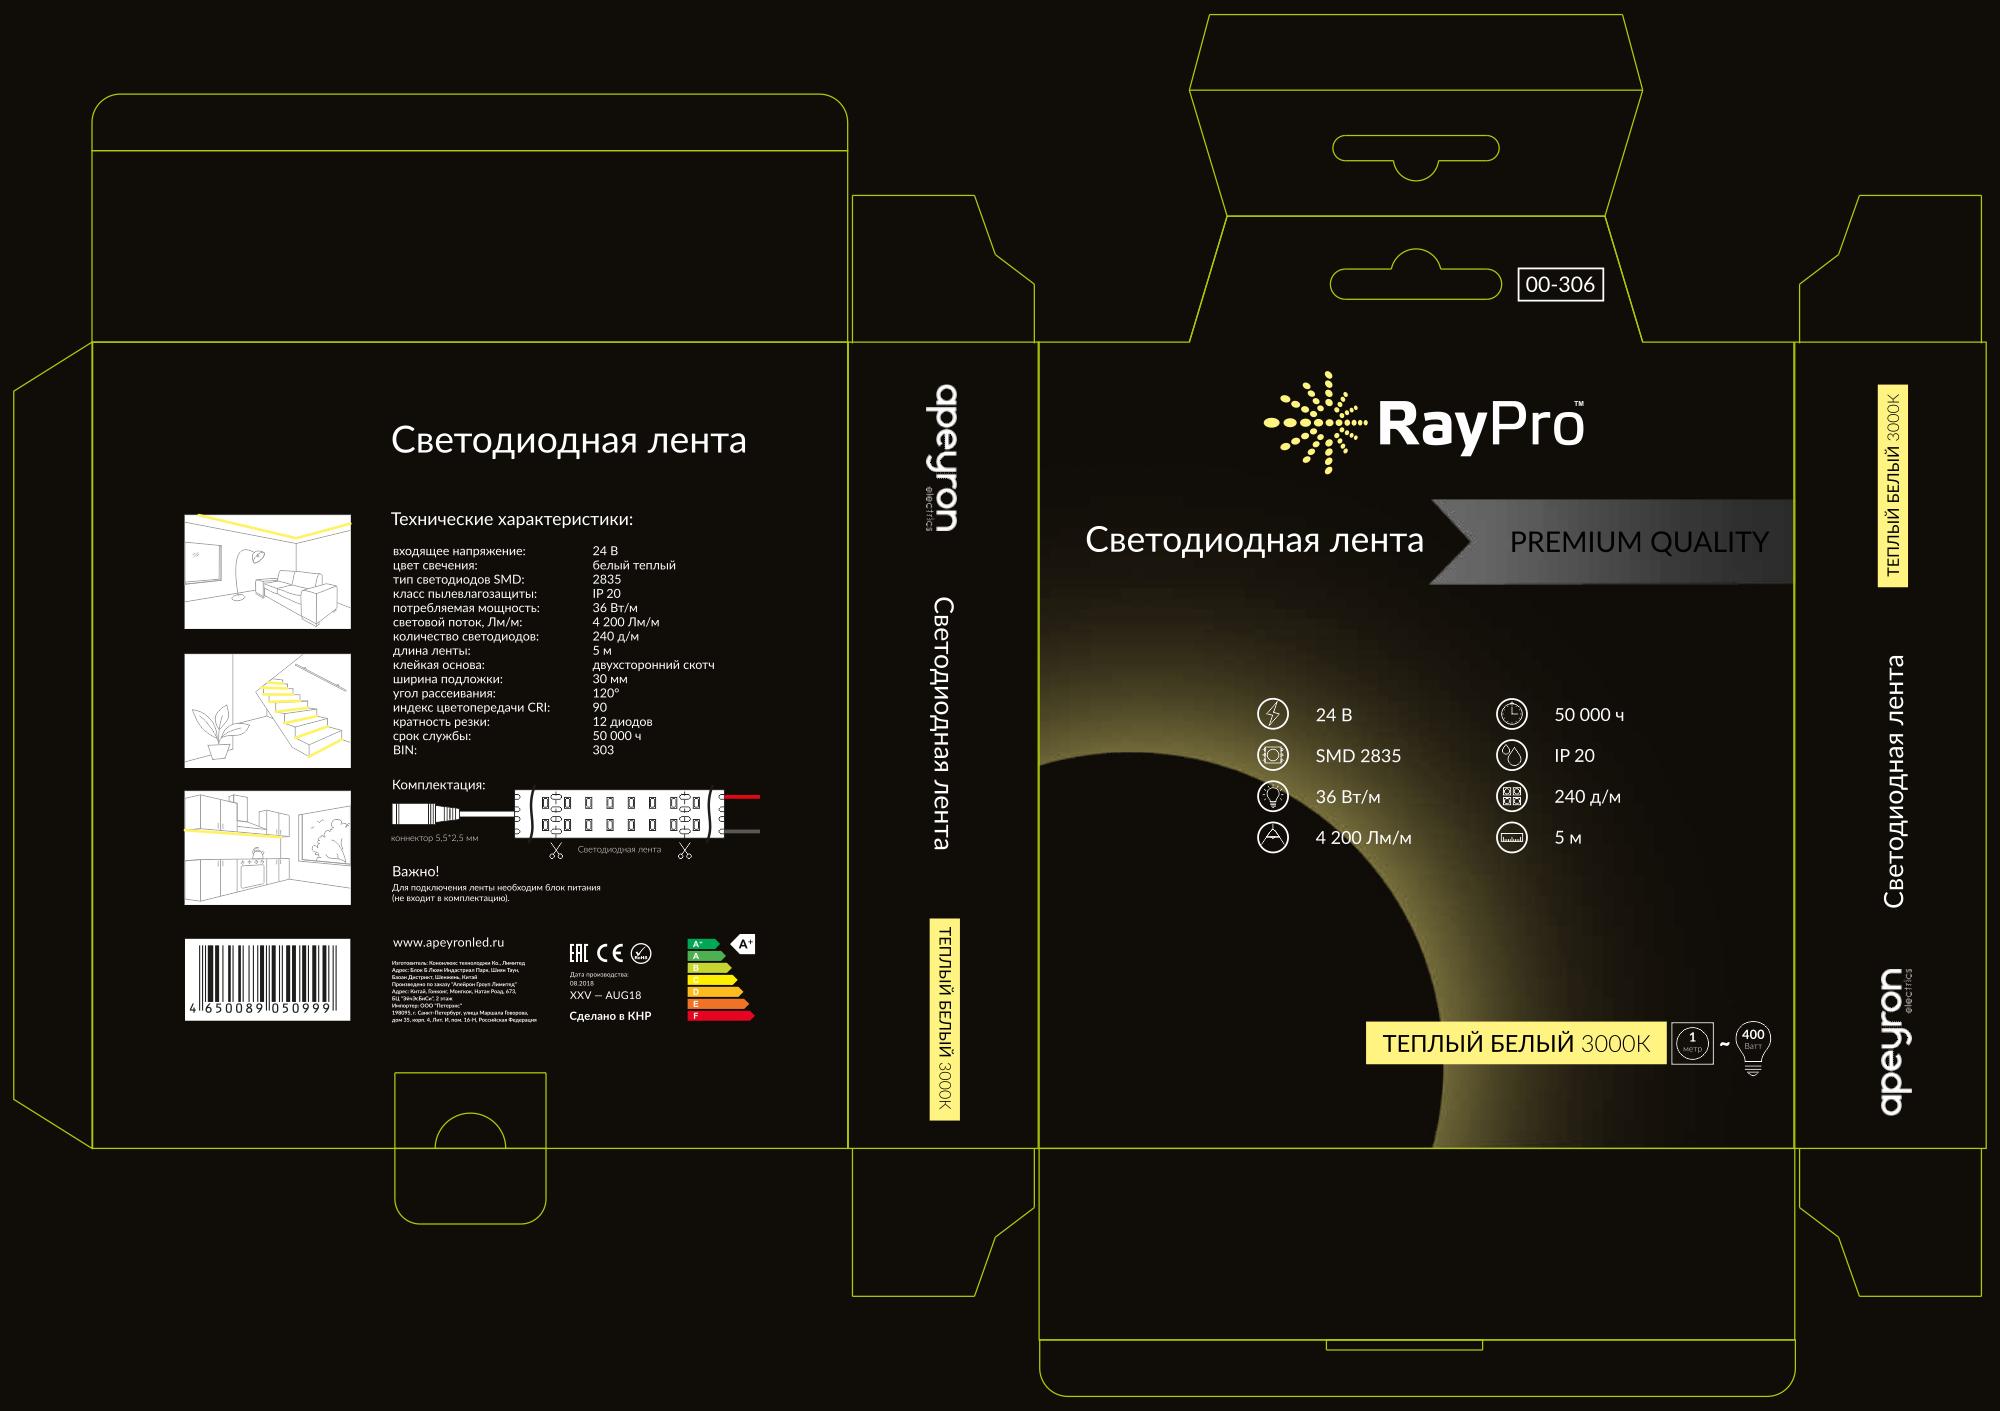 Разработка логотипа (продукт - светодиодная лента) фото f_6995bc390f9cdfb5.jpg